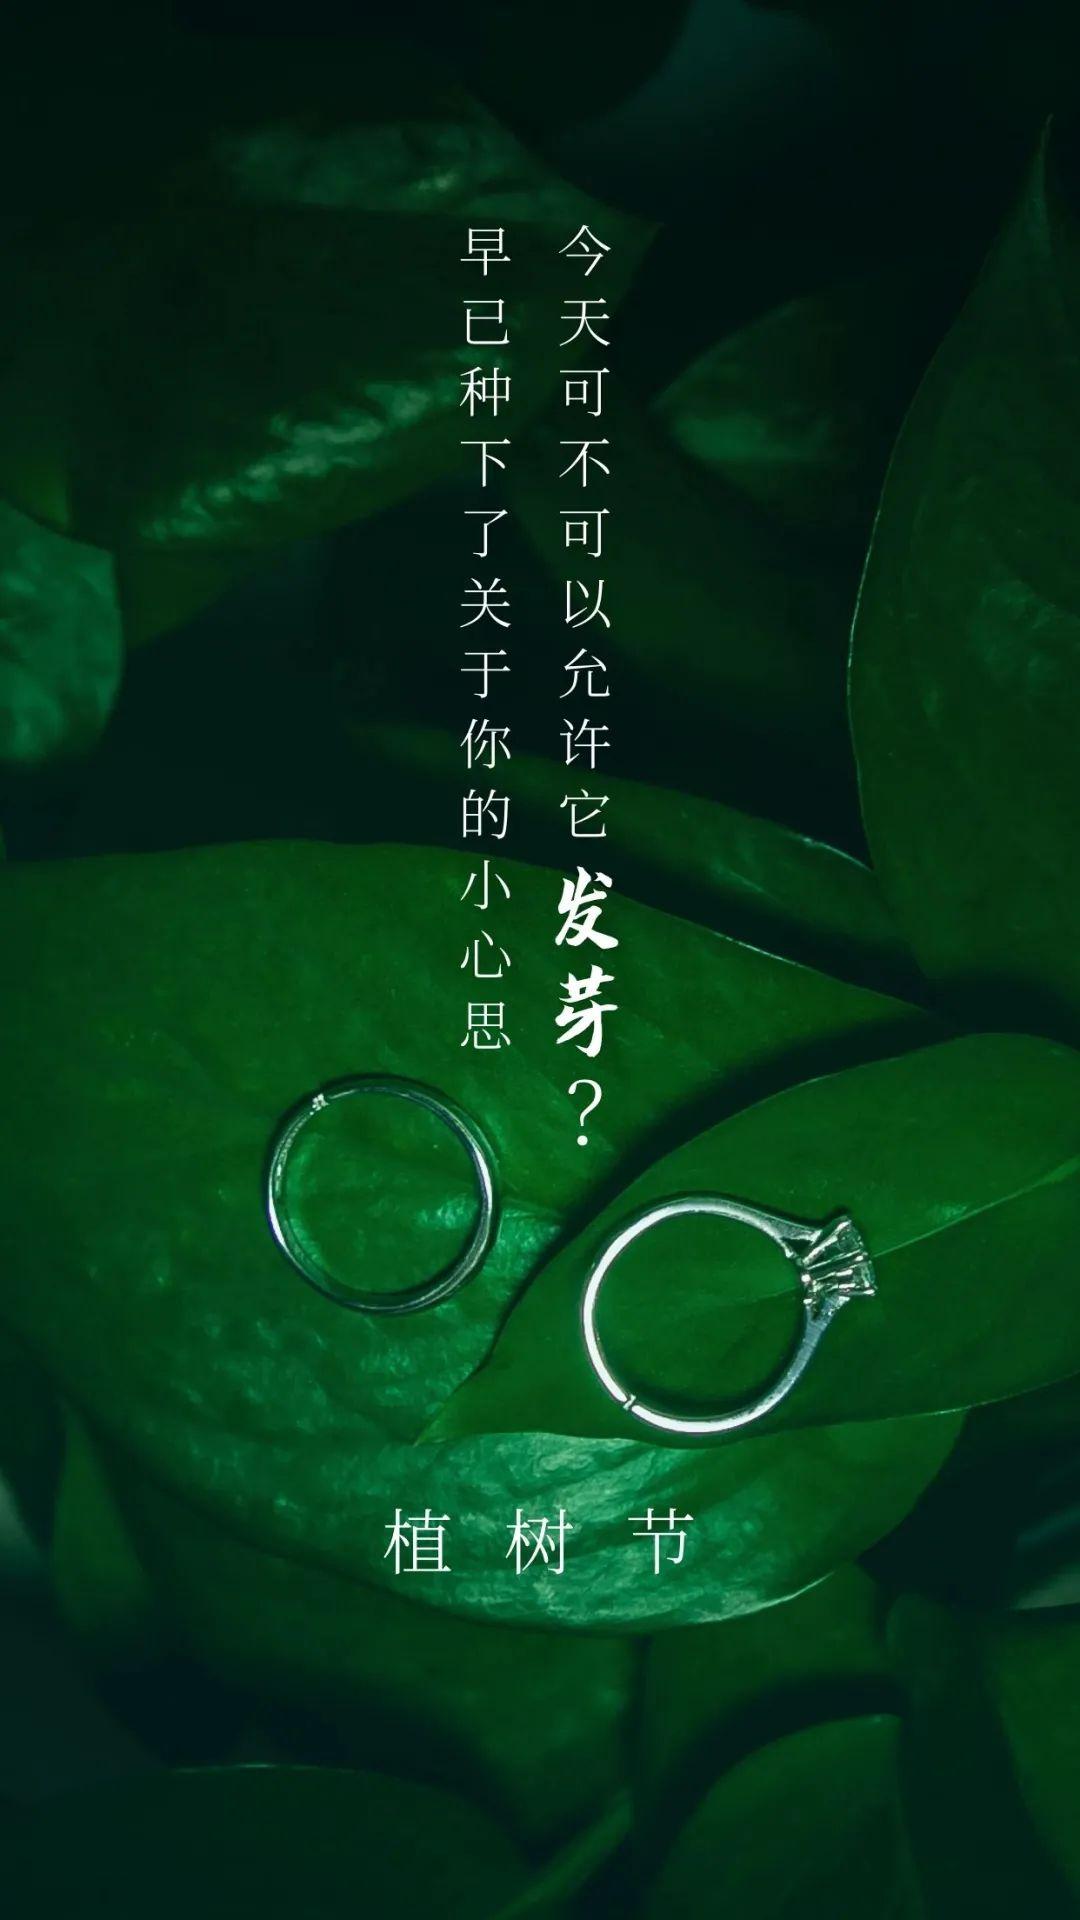 植树节文案、植树节海报宣传标语设计欣赏: 植树节, 你想栽在我心上?插图54